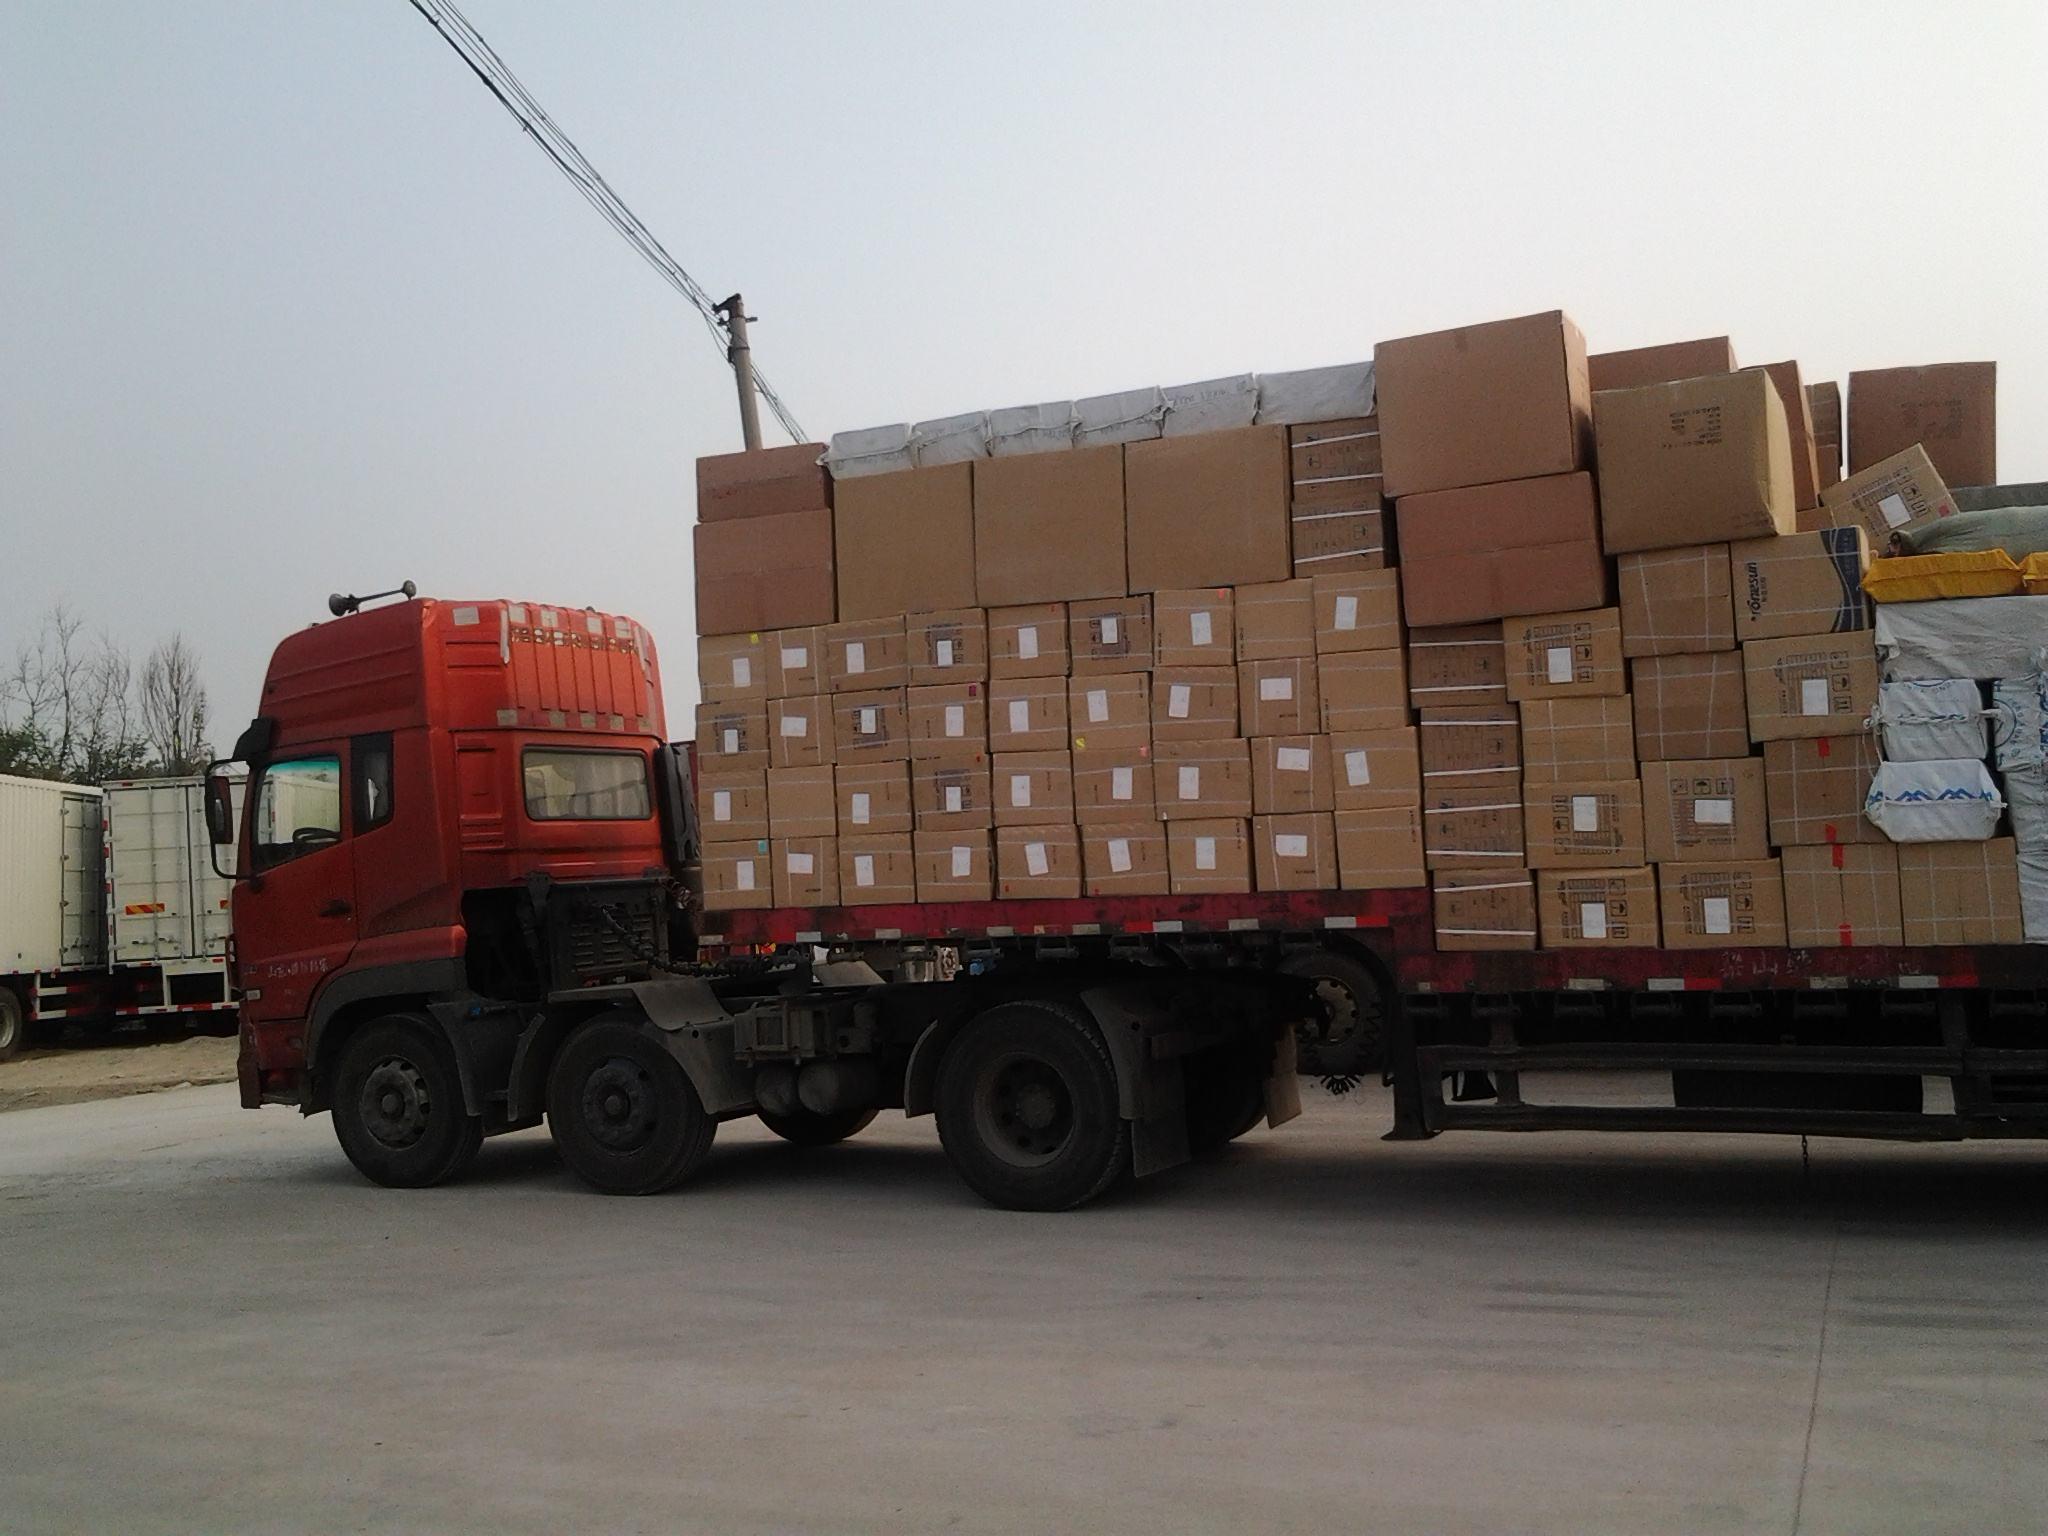 乐从直达到达州大竹县货运部